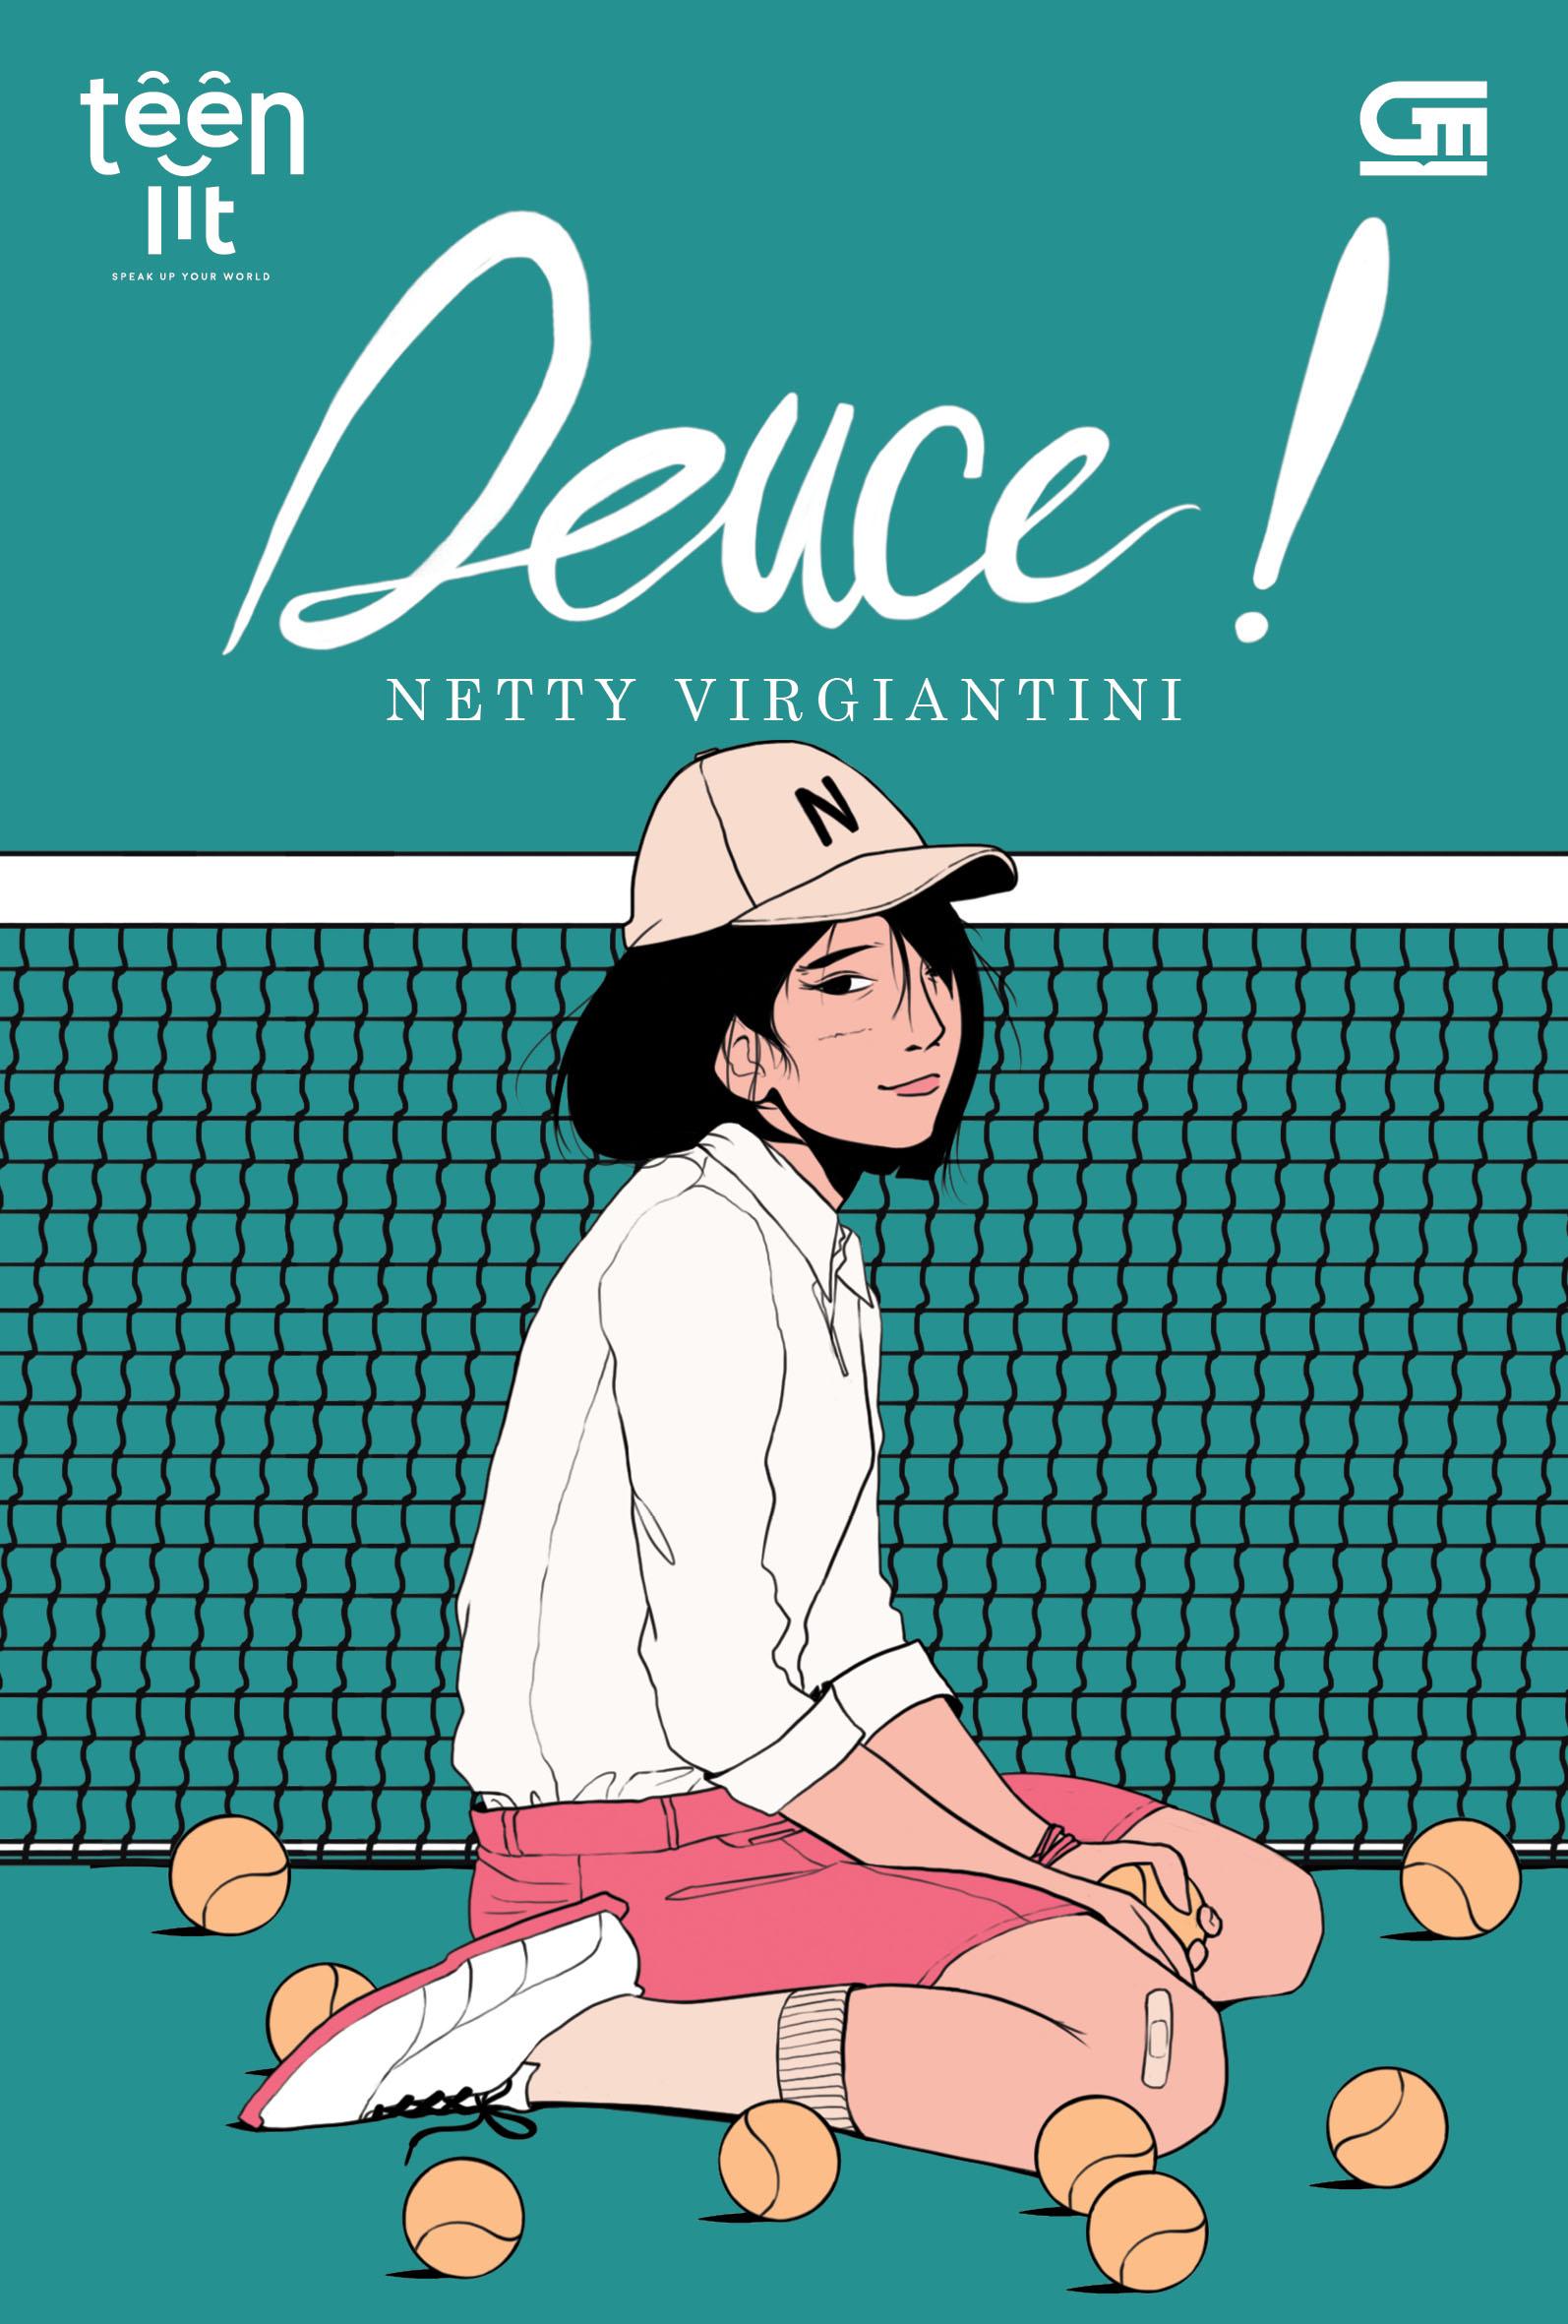 TeenLit: Deuce